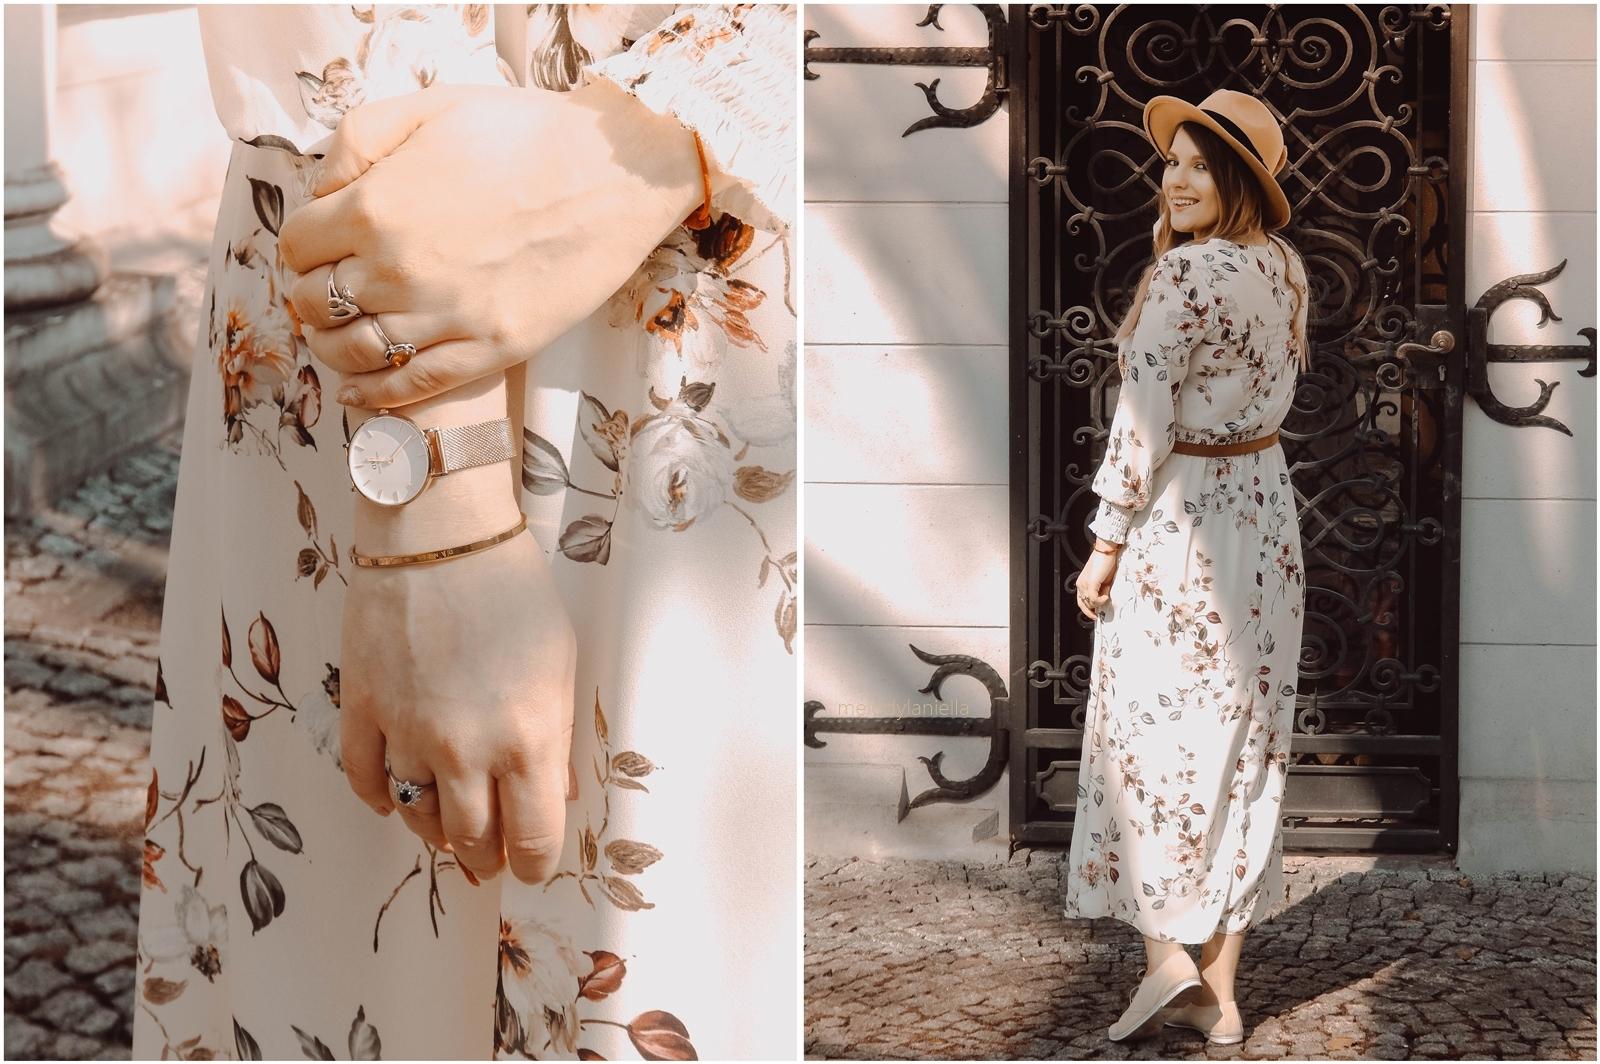 15 sukienka na wakacyjne wesele kwiaty boho róż trendy wiosna lato 2018 blogerzy blogerki styl outfit lookbook